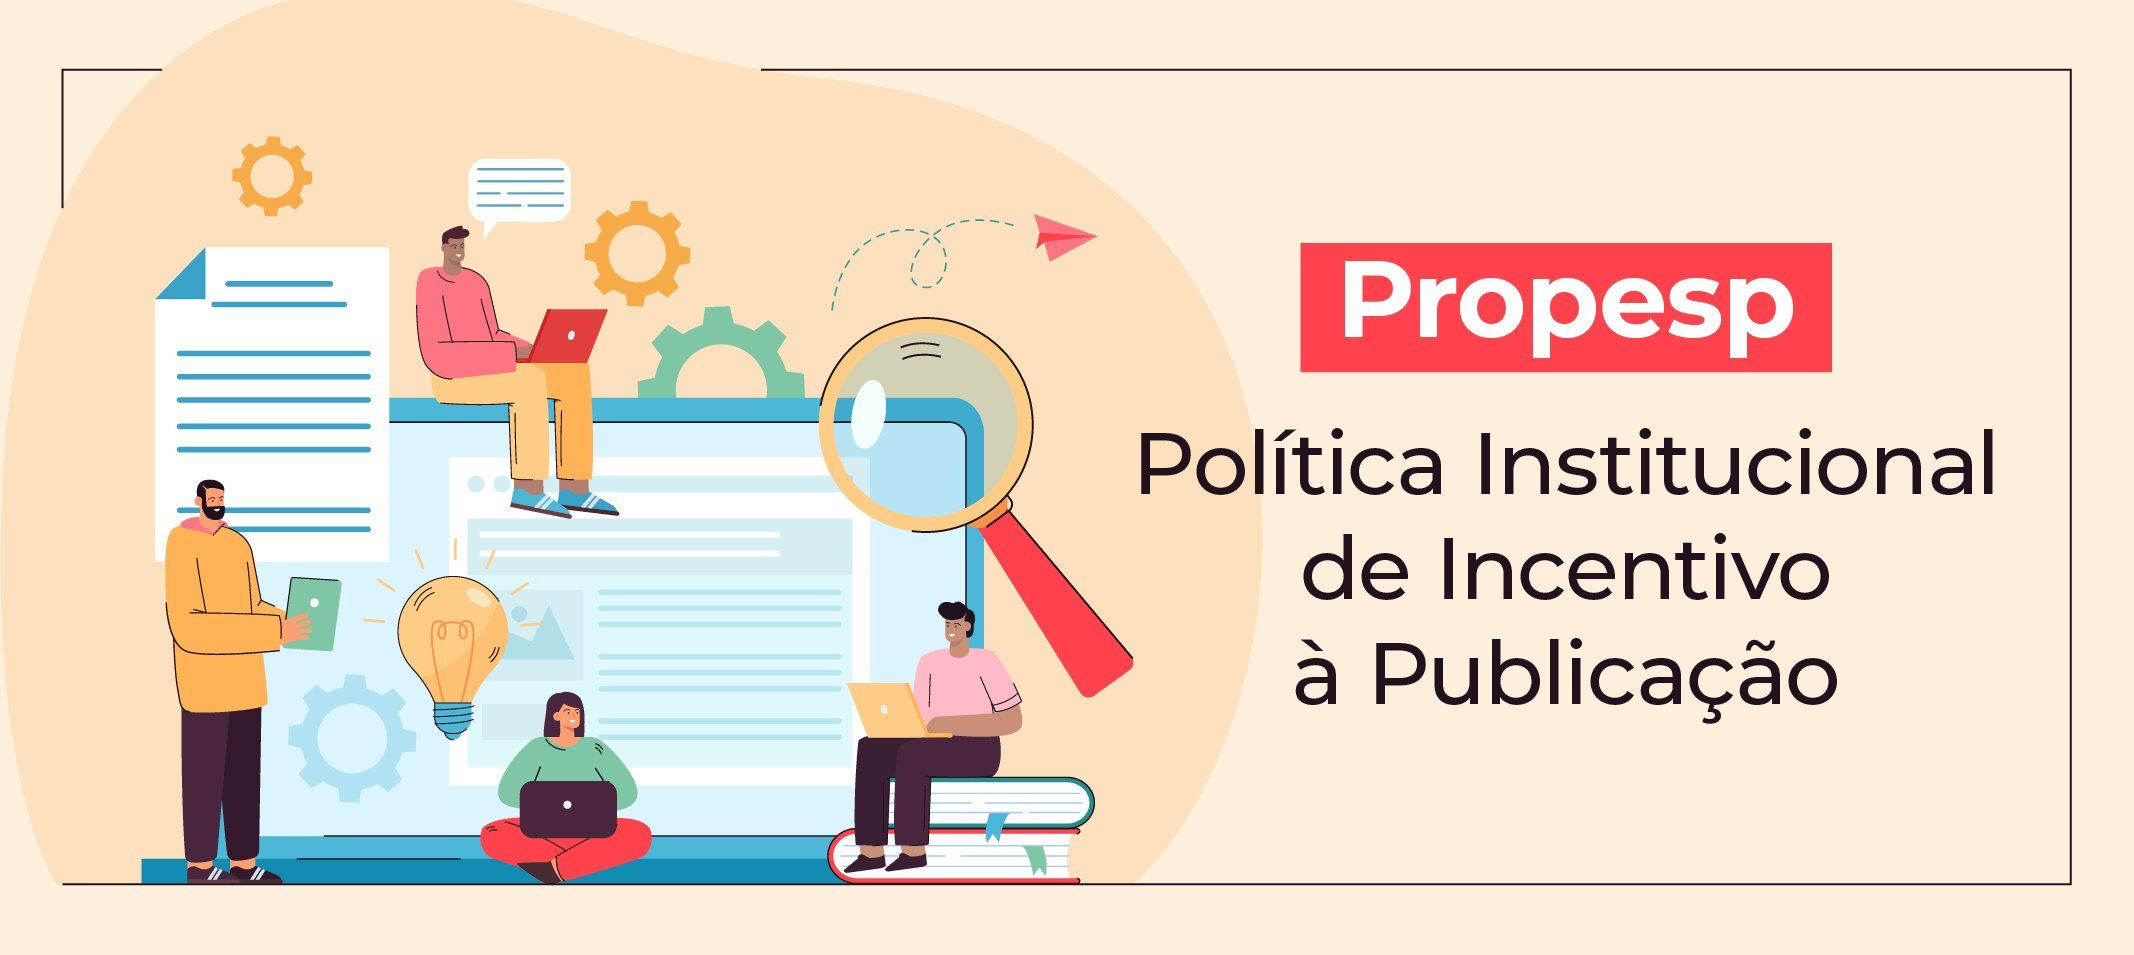 Propesp ultrapassa 200 artigos apoiados pela Política Institucional de Incentivo à Publicação